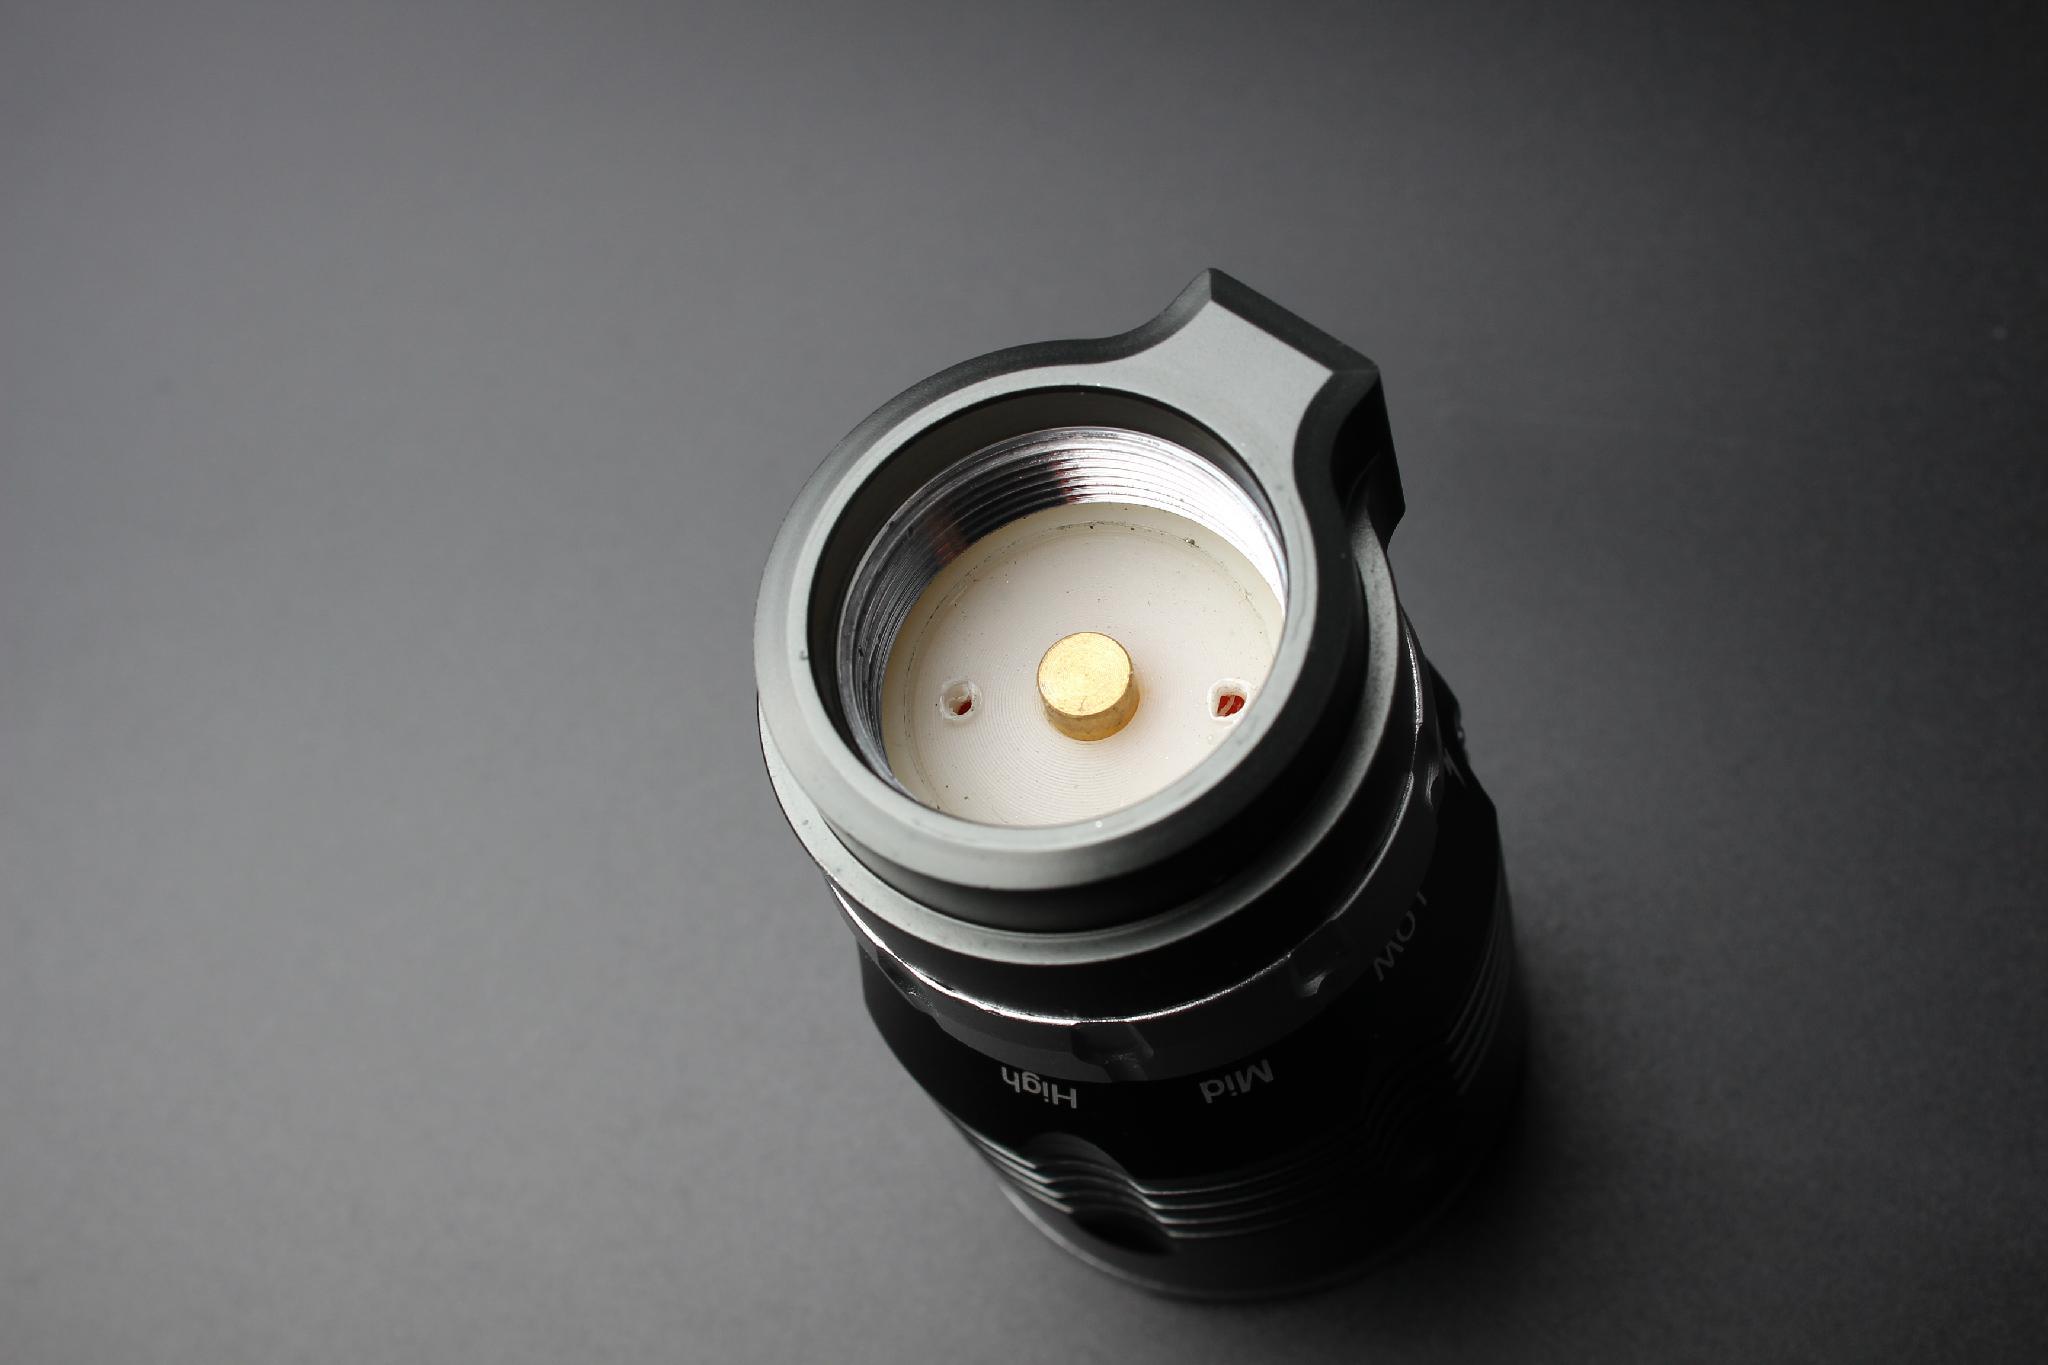 LED Diving Light Underwater 70m 960 Lumen 5